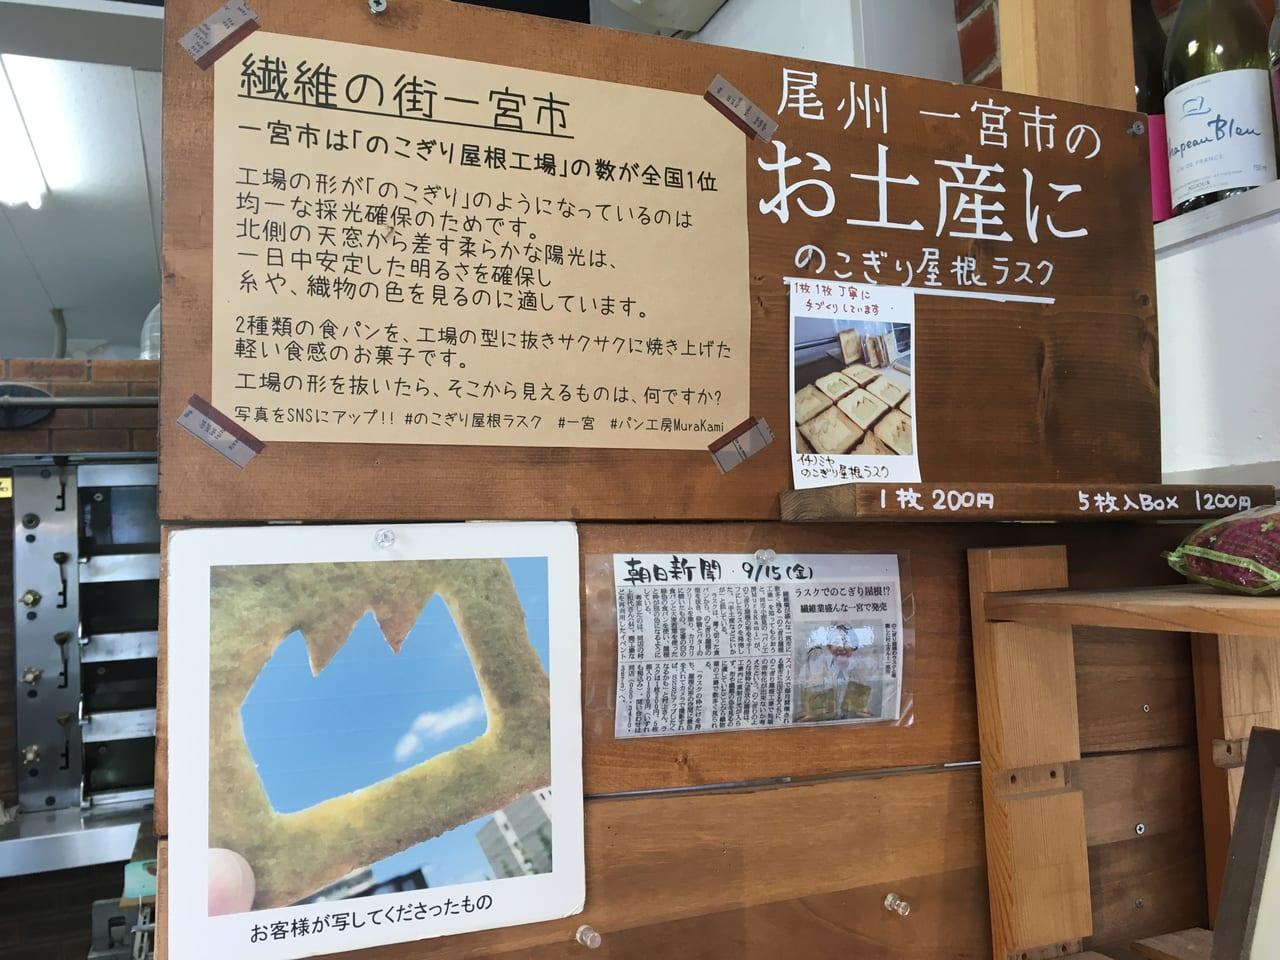 パン工房 MURAKAMIの中にあった看板